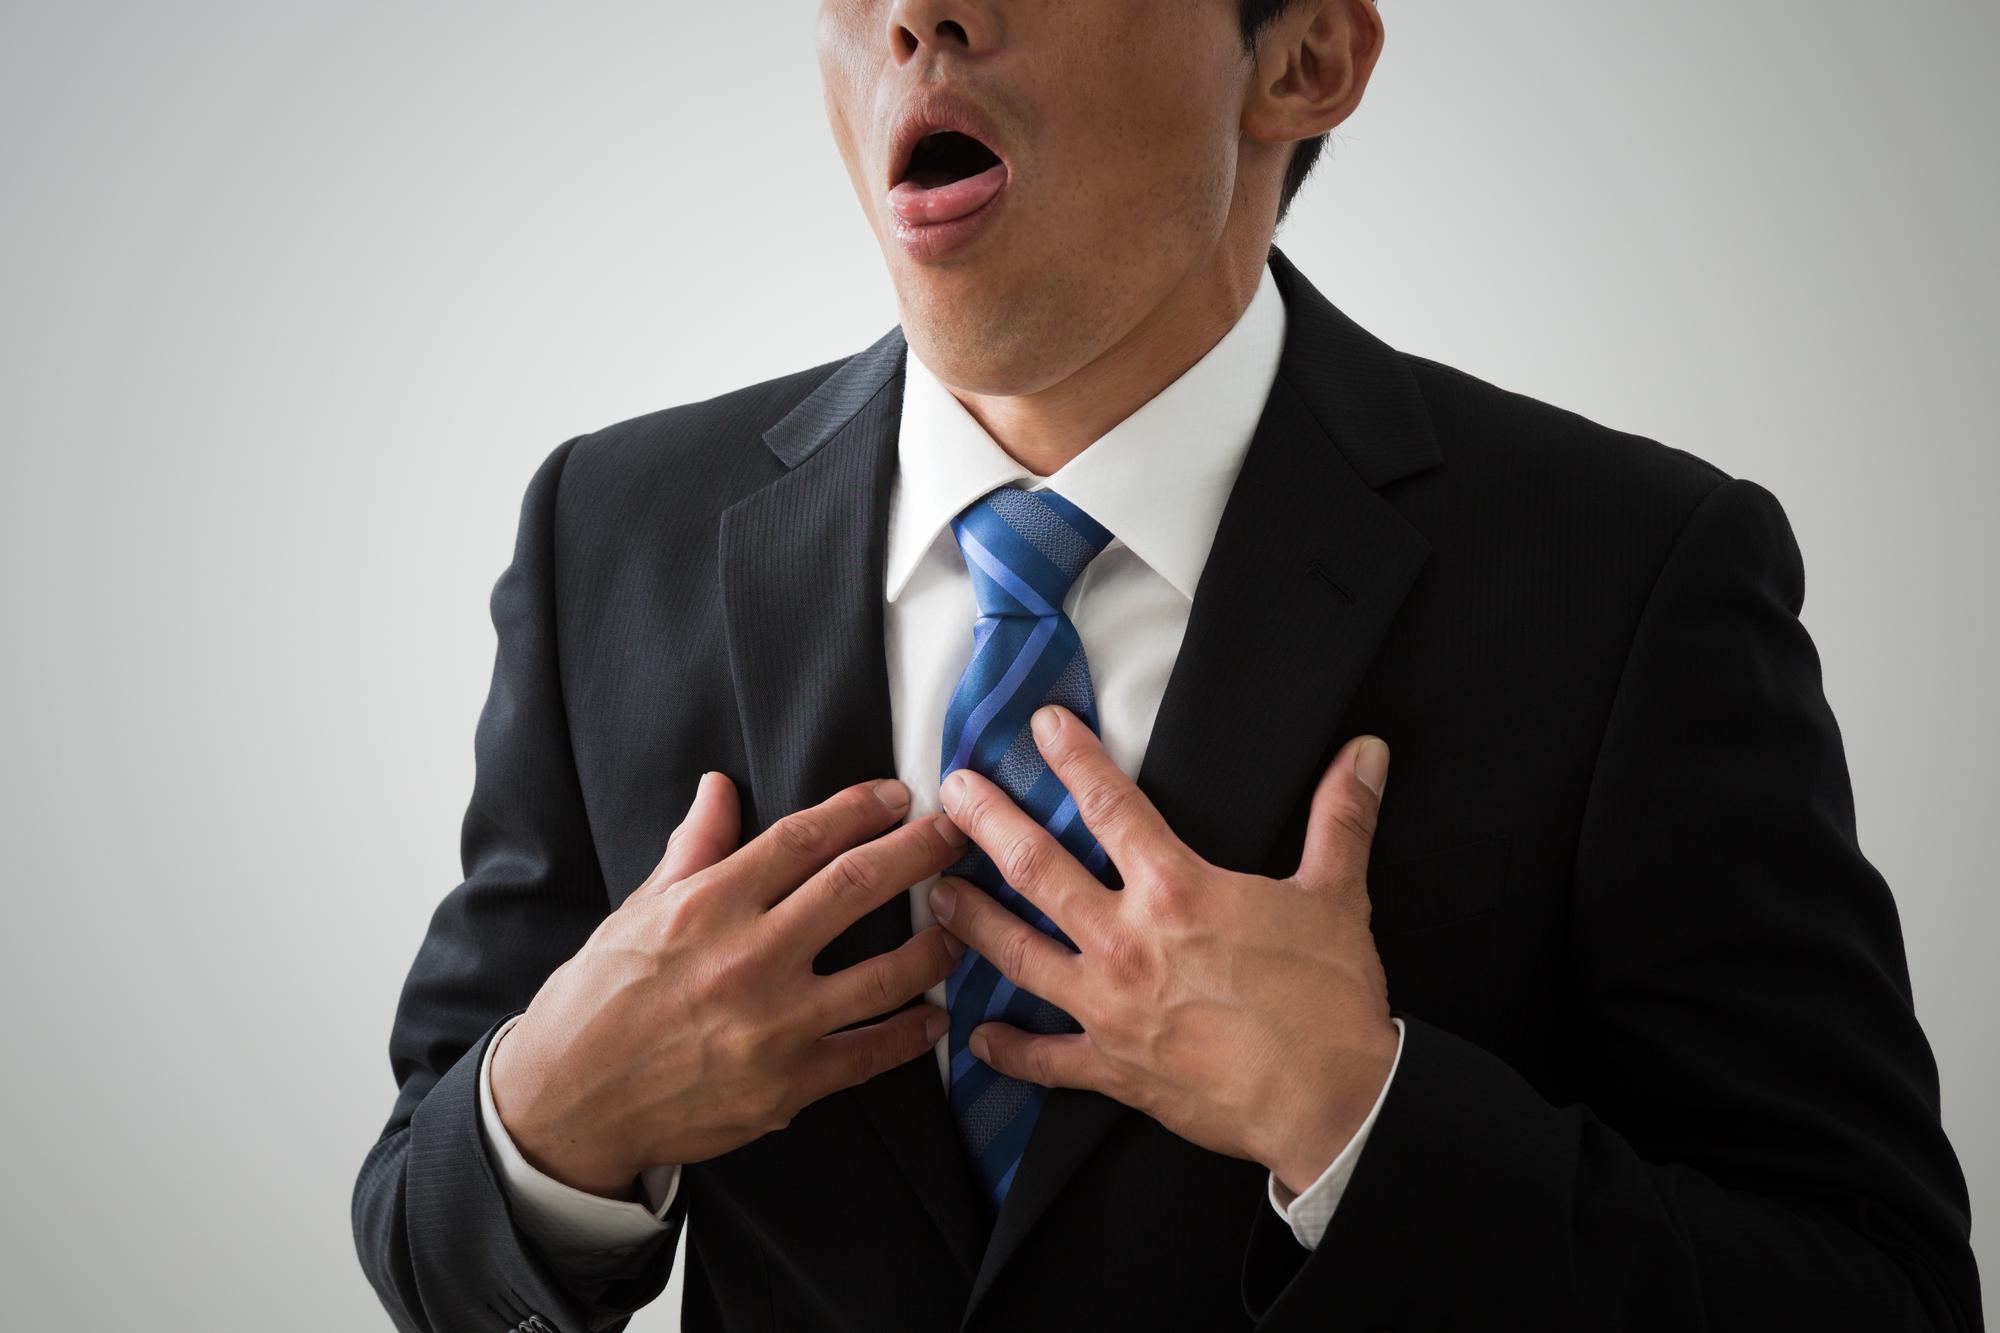 嘔吐・下痢・発熱がある場合、感染性腸炎の疑いがあります